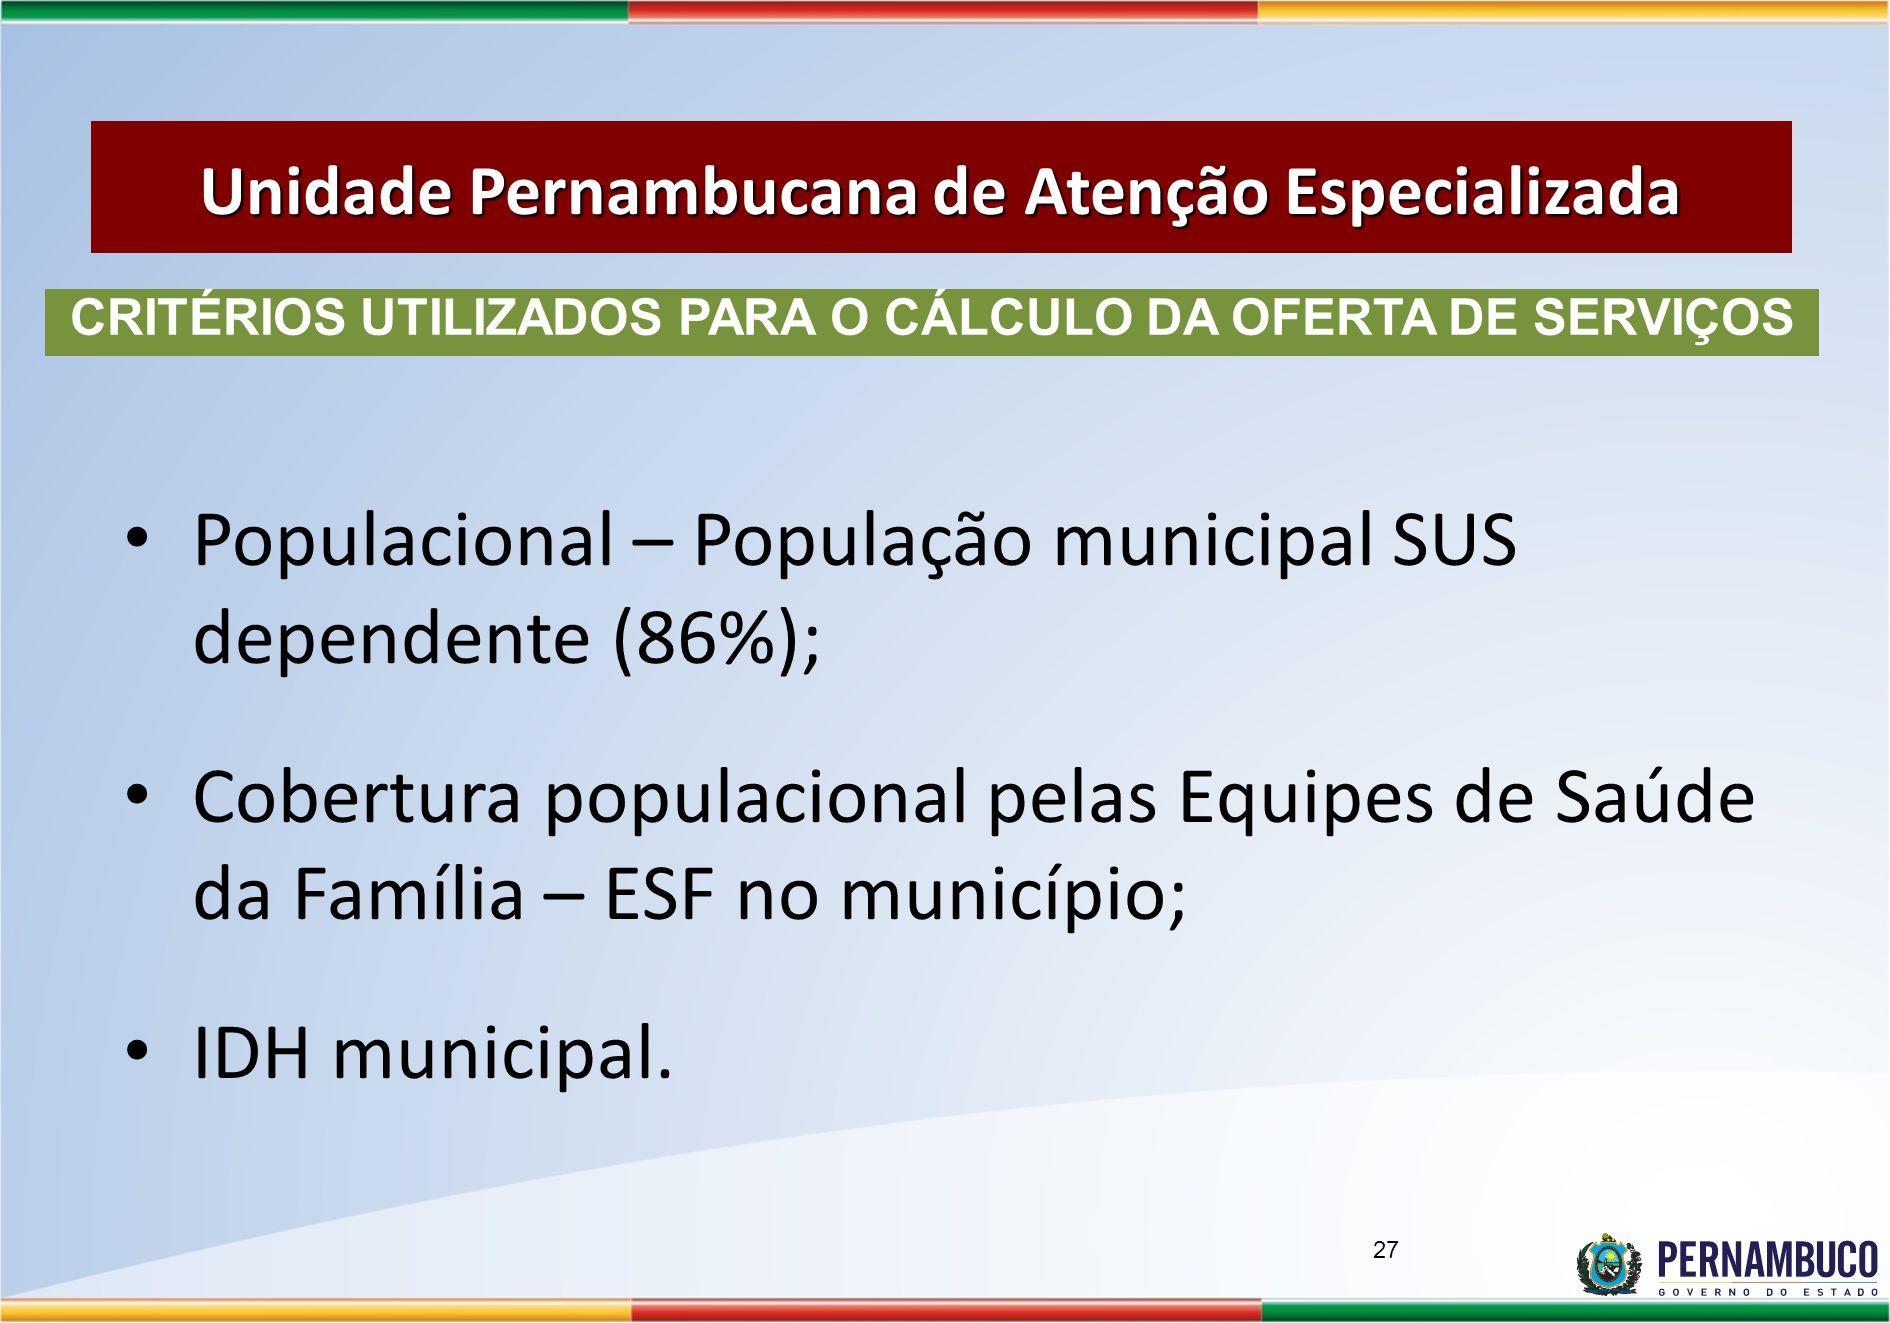 Populacional – População municipal SUS dependente (86%);